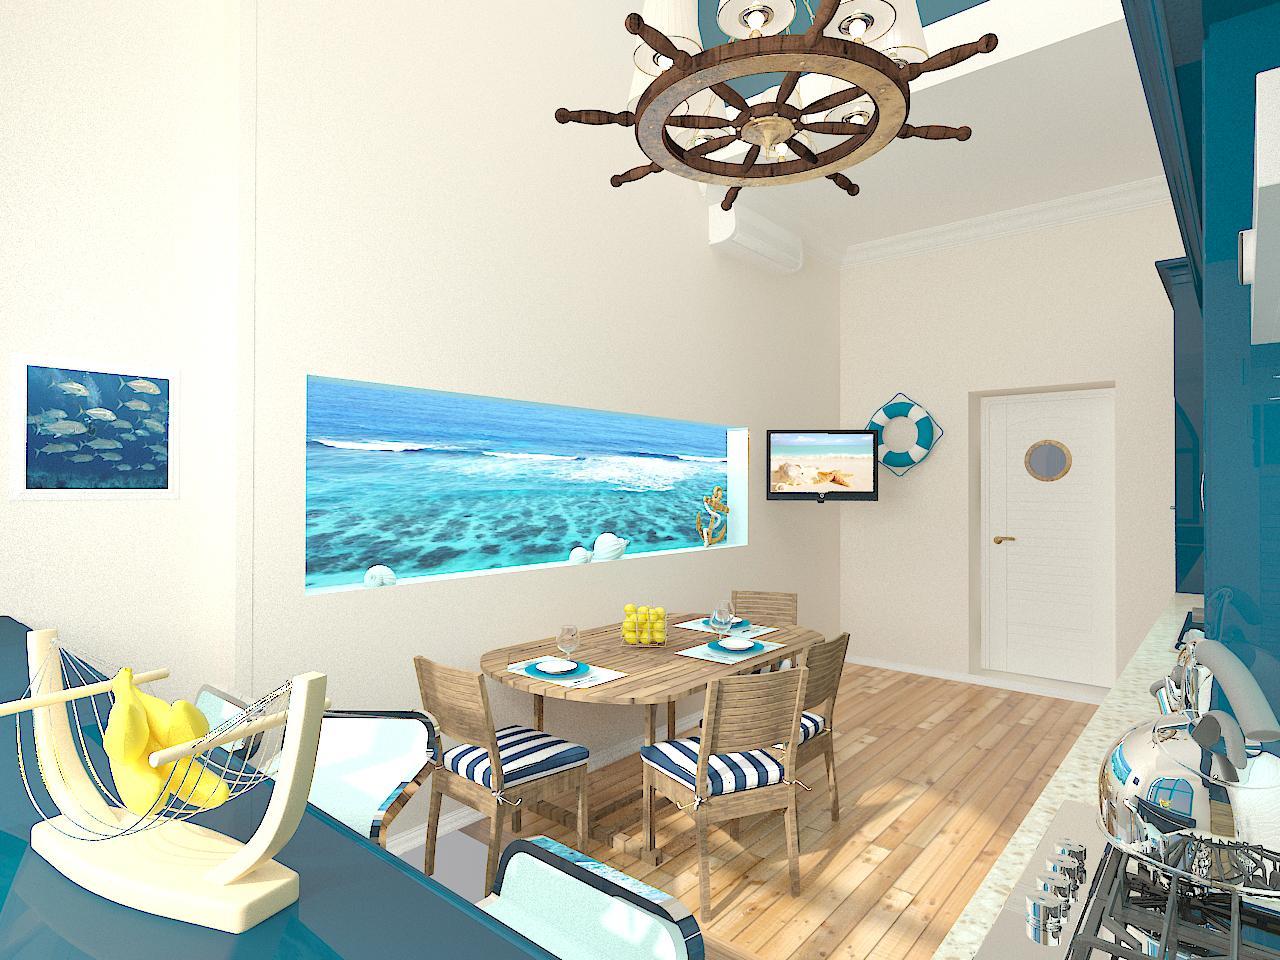 Дизайн кухни в синем цвете - сочетание элементов интерьера и выбор стиля